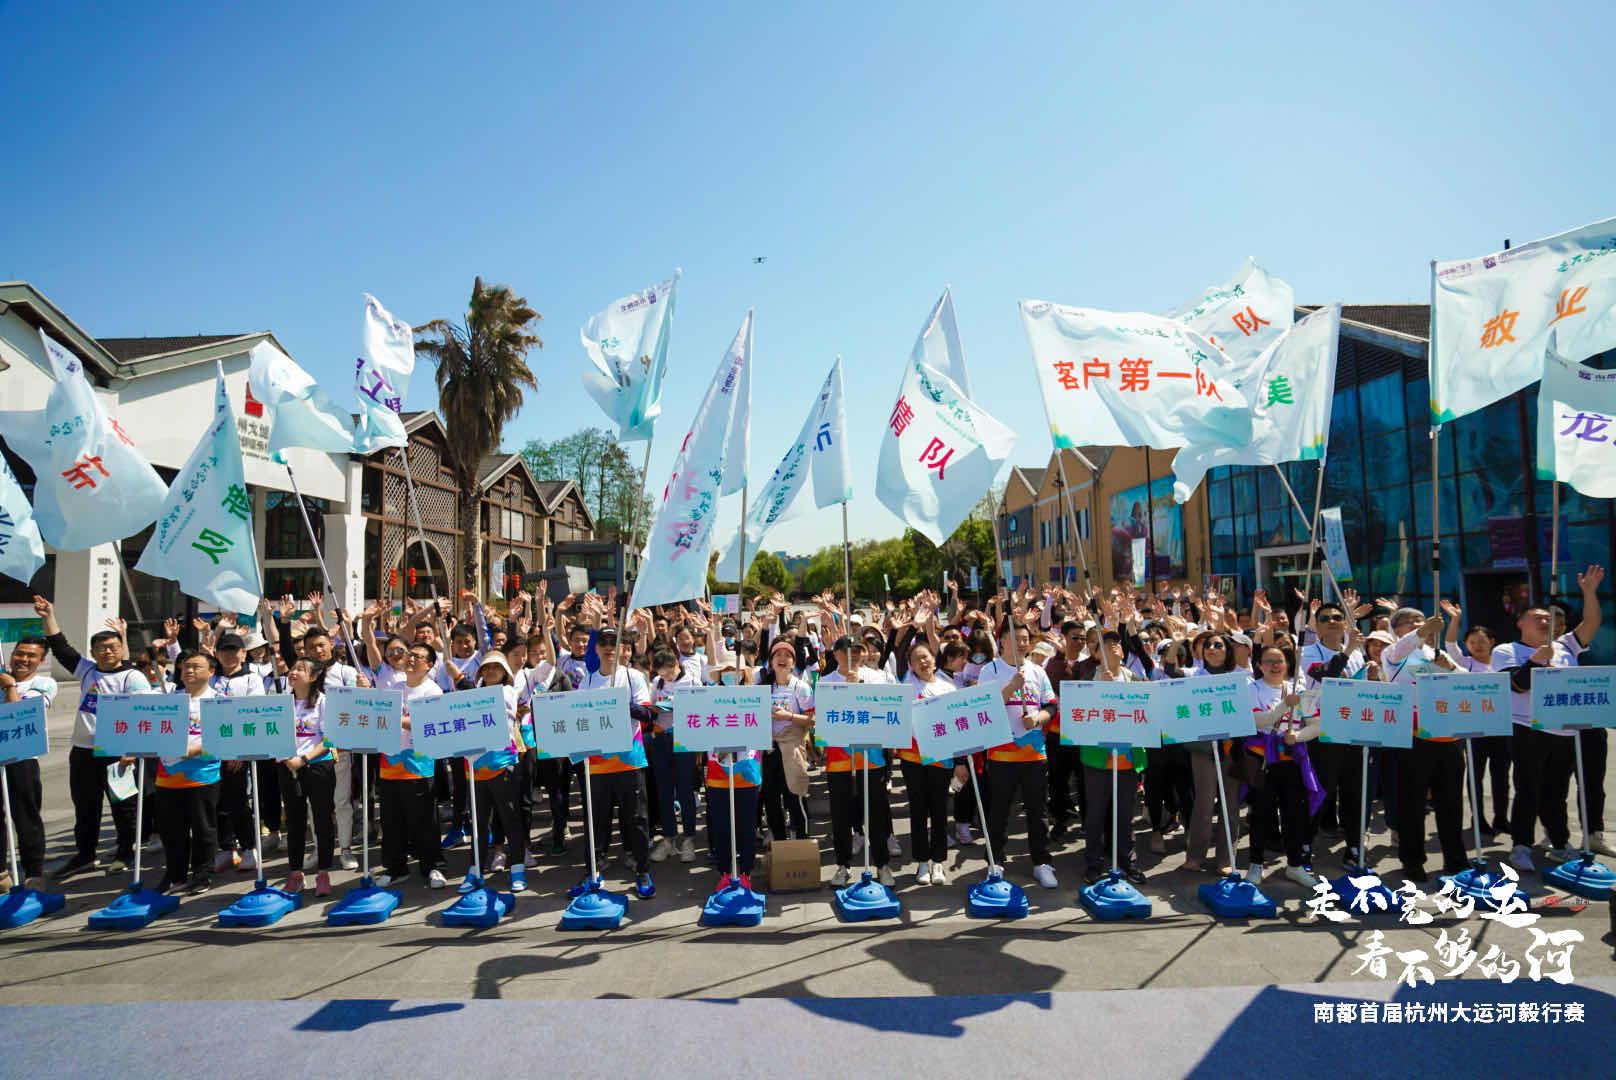 走不完的运 看不够的河   2021南都首届杭州大运河毅行赛圆满收官